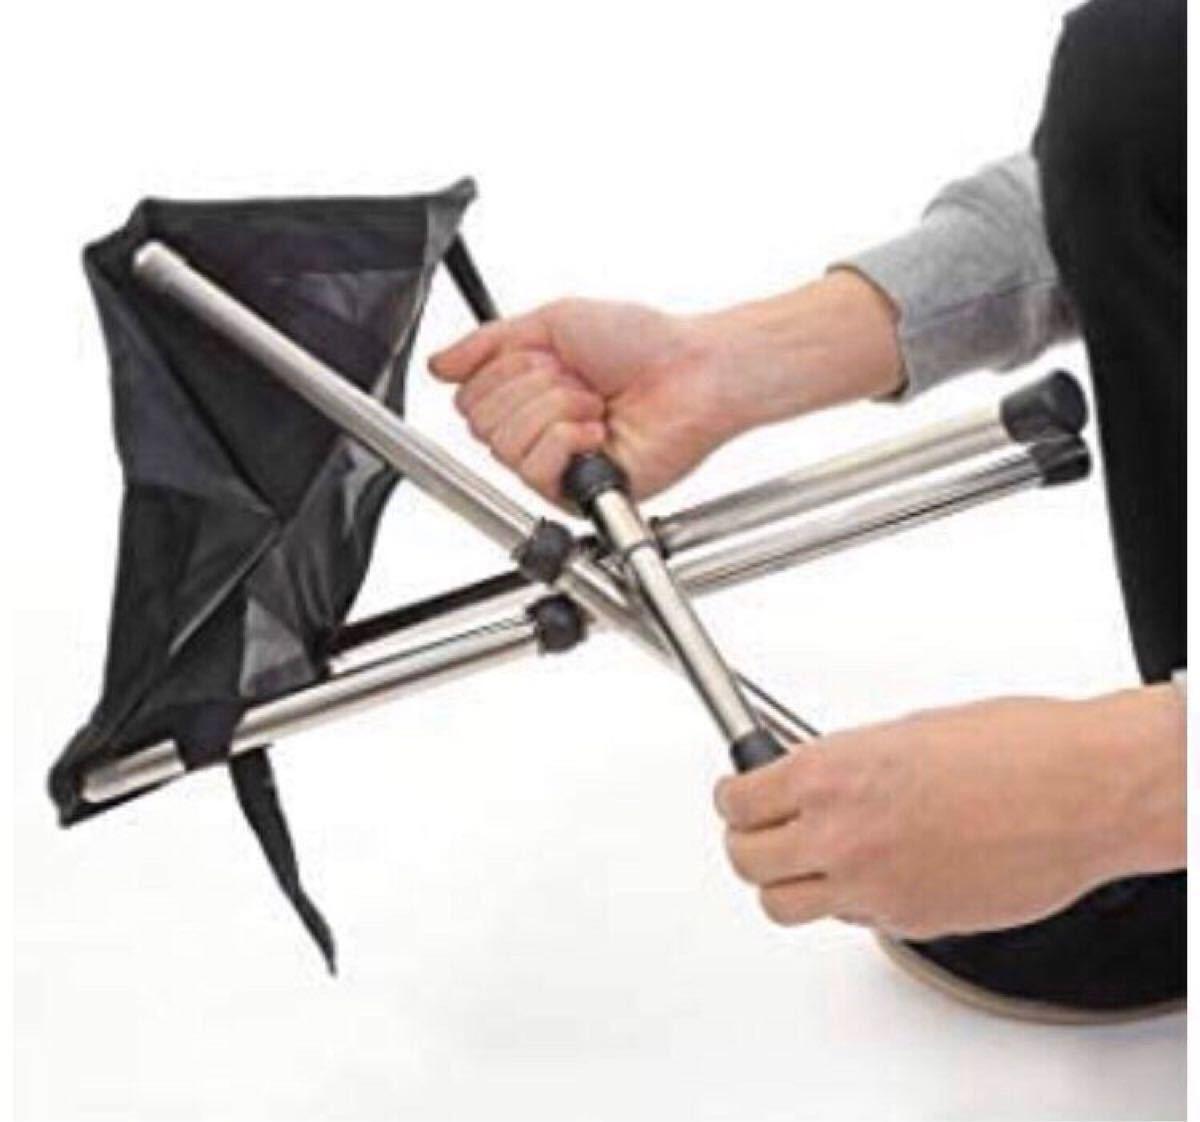 折り畳みチェア  新品未使用  大人気  便利グッズ  コンパクト  アウトドア